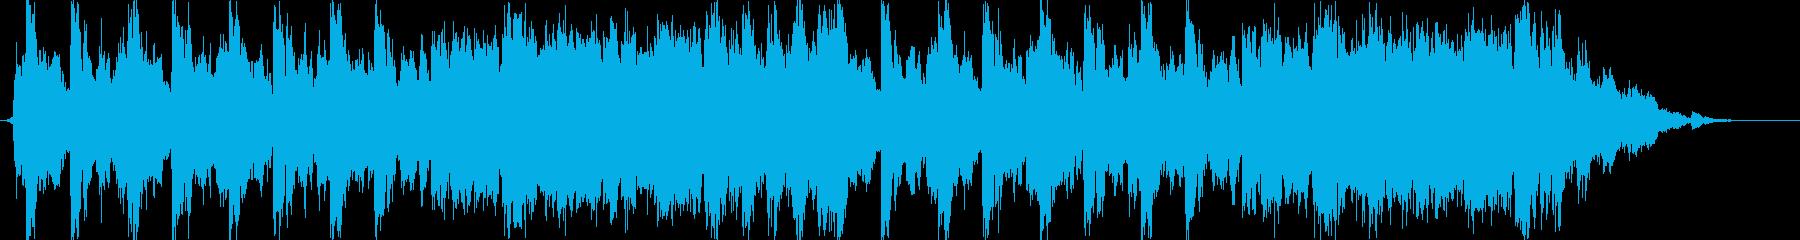 ゲーム等のタイトル画面に合うマーチ風音楽の再生済みの波形